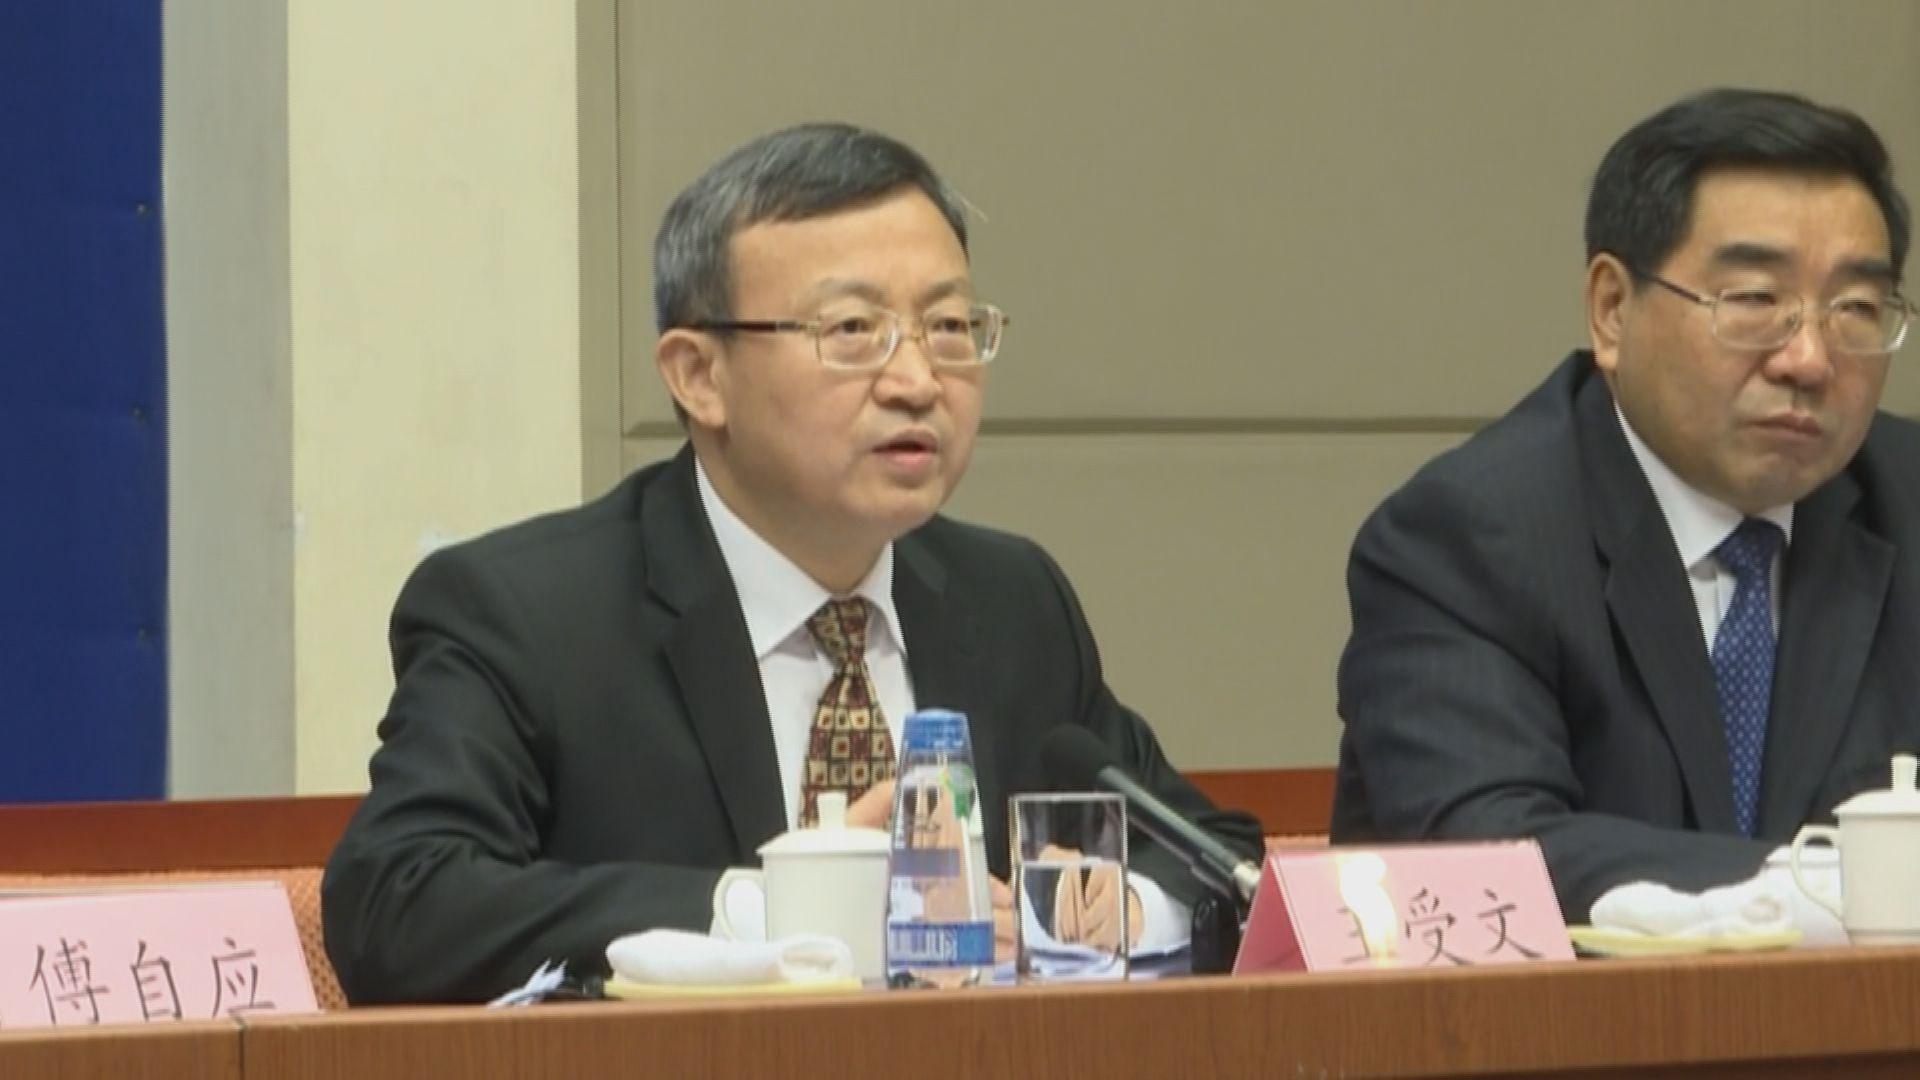 商務部:中美貿易談判需守信互相尊重